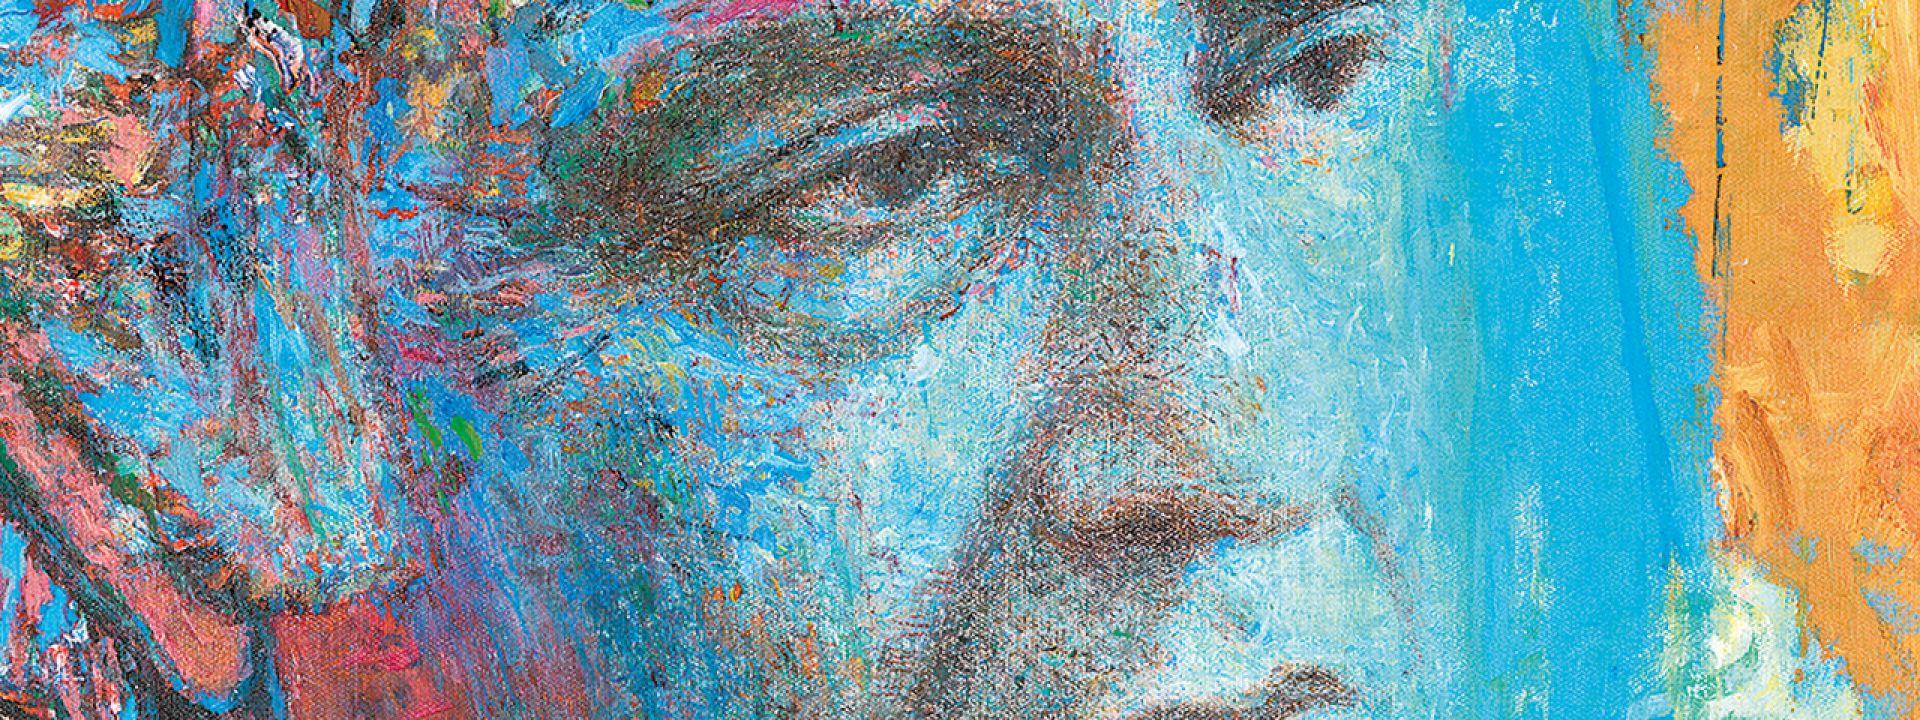 Φωτογραφία από πορτρέτο του Ελύτη, δημιουργία του Γιάννη Ψυχοπαίδη